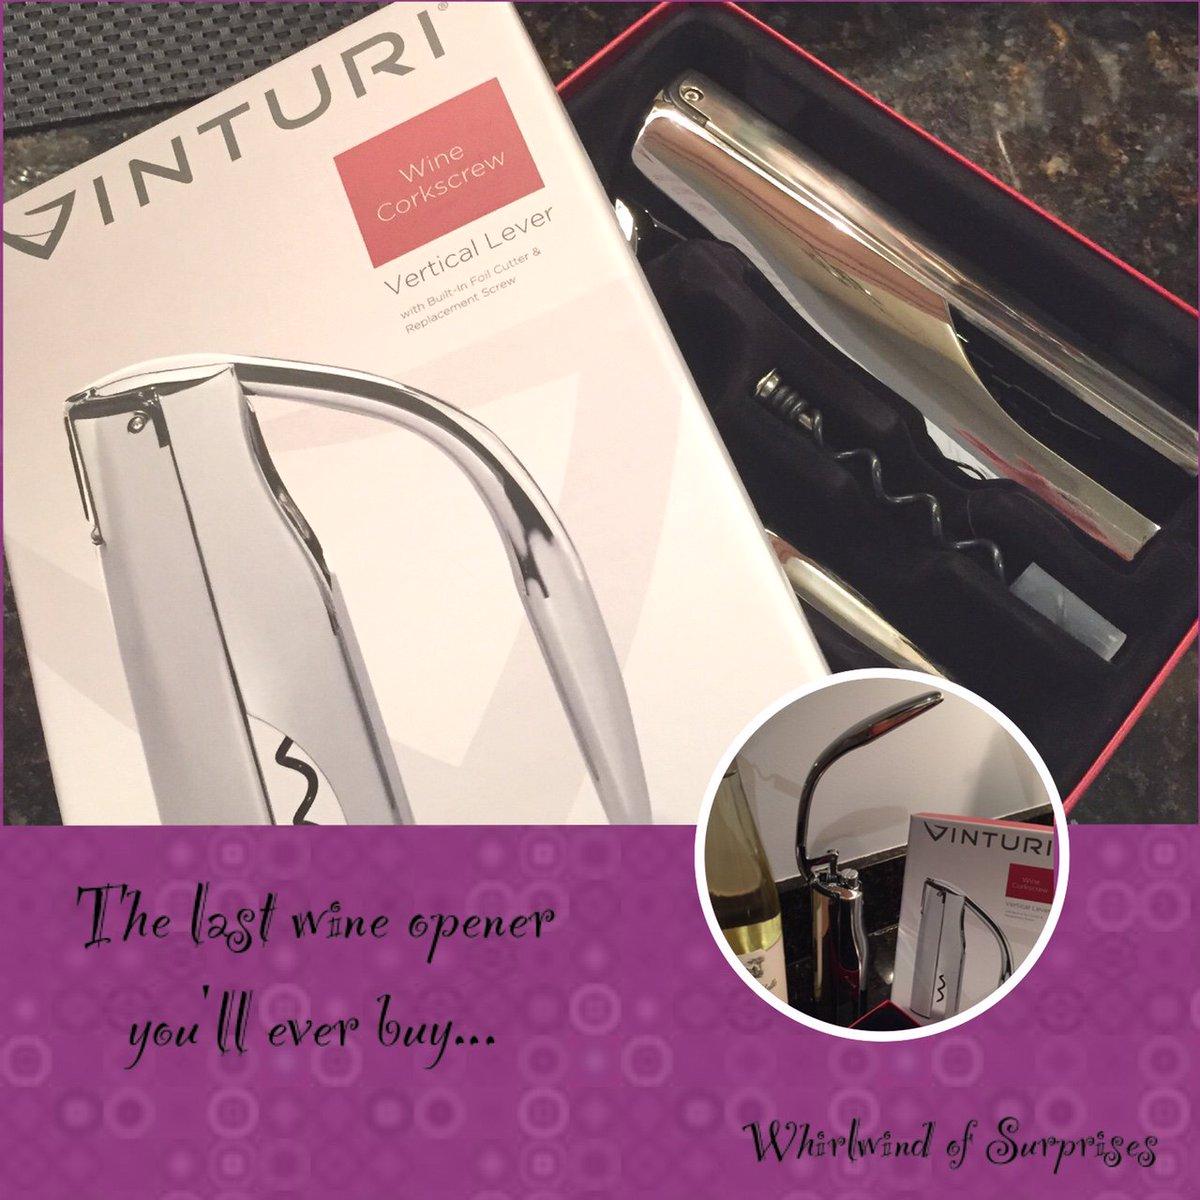 Stylish functional wine openers